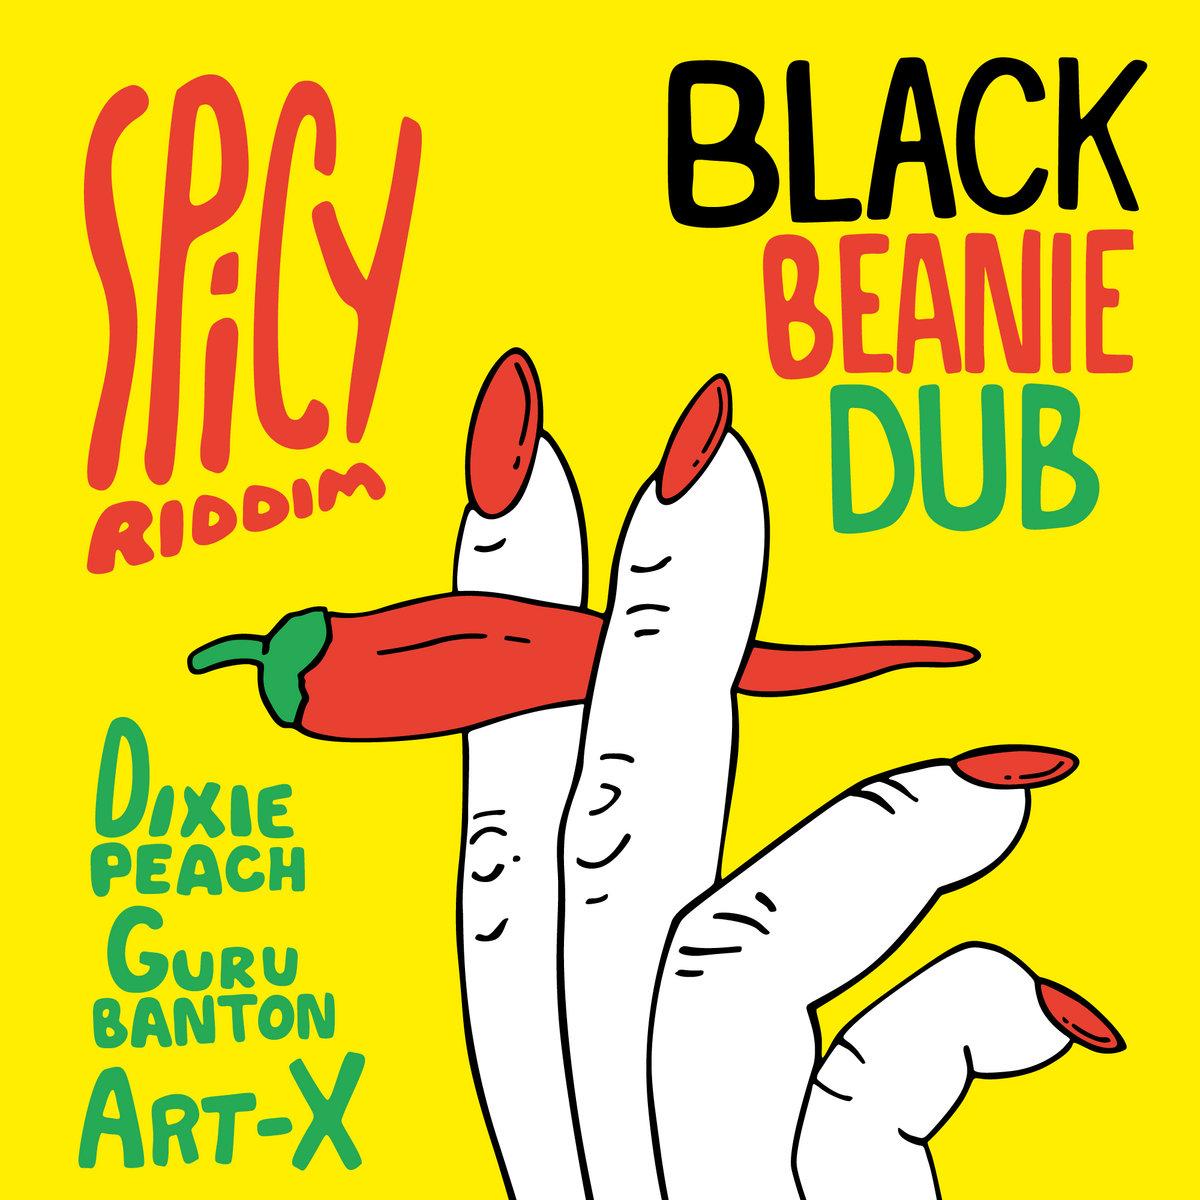 Spicy Riddim (Instrumental version) | Black Beanie Dub